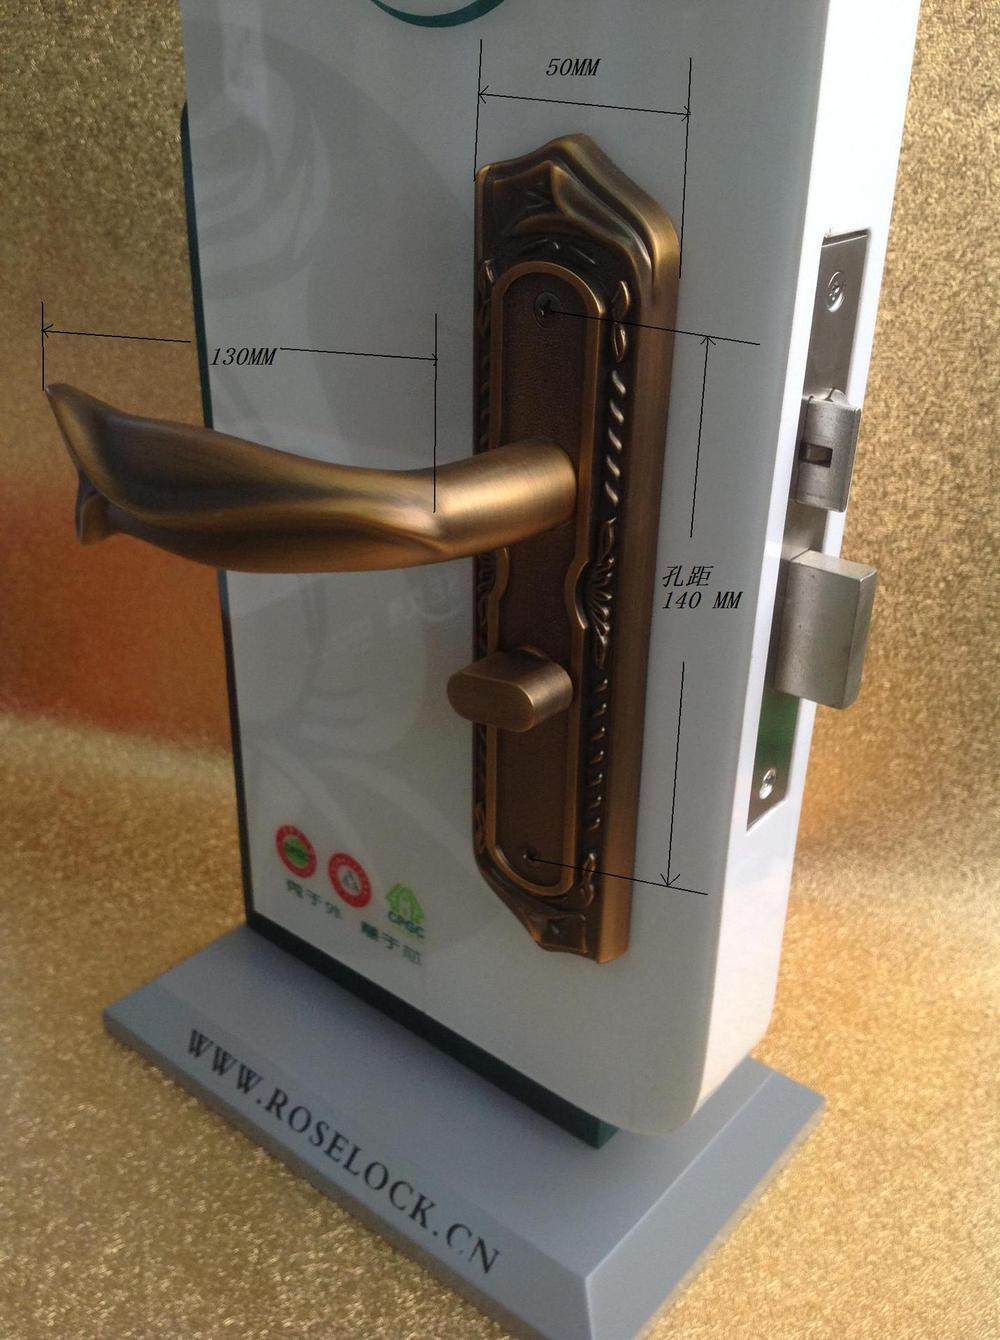 Door factory door factory support package put on locked - Interior door - zinc alloy door lock homegrownDoor factory door factory support package put on locked - Interior door - zinc alloy door lock homegrown